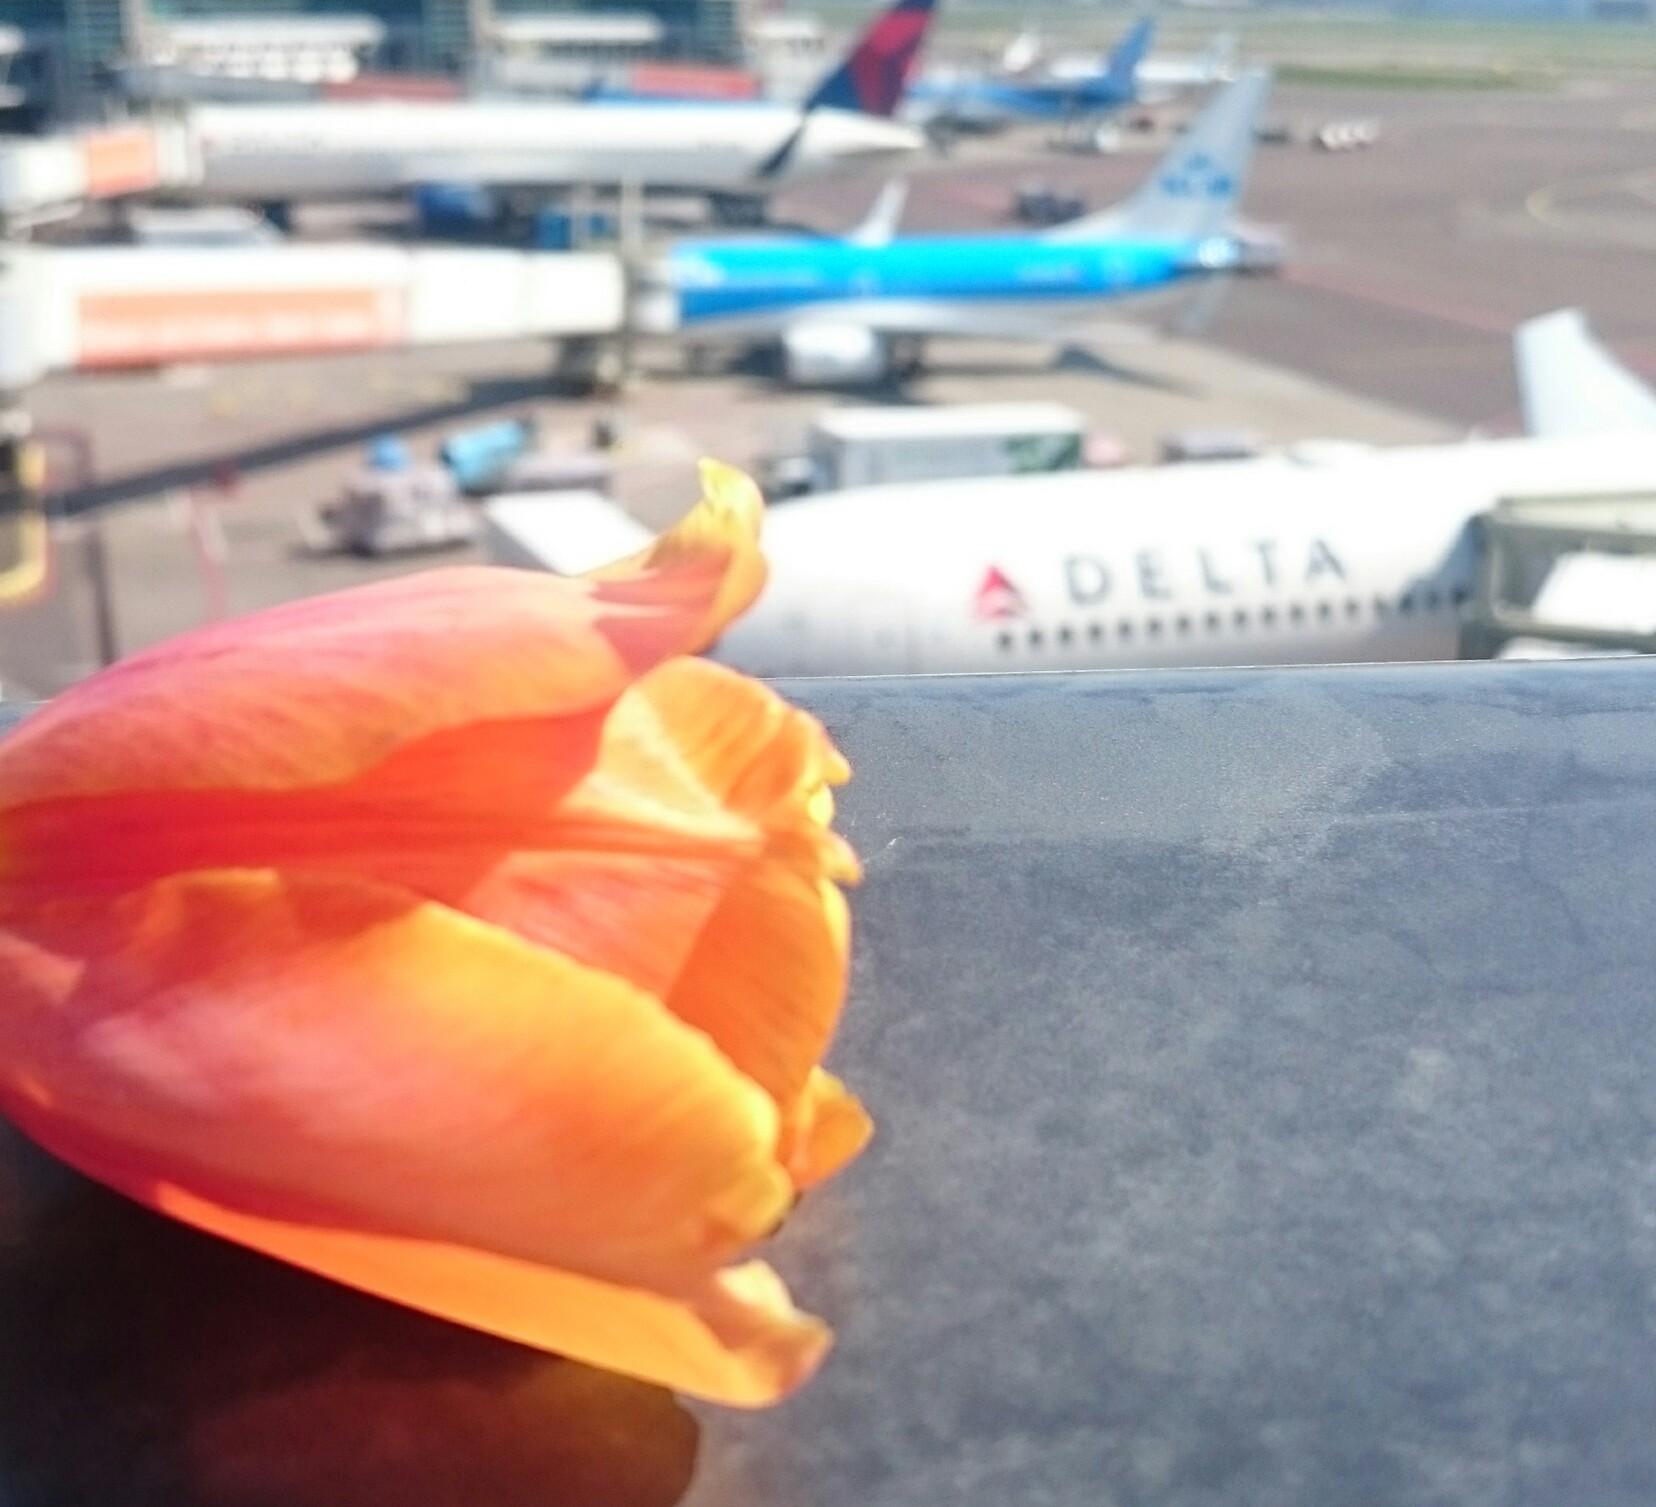 De Tulipa Schiphol van dichtbij.